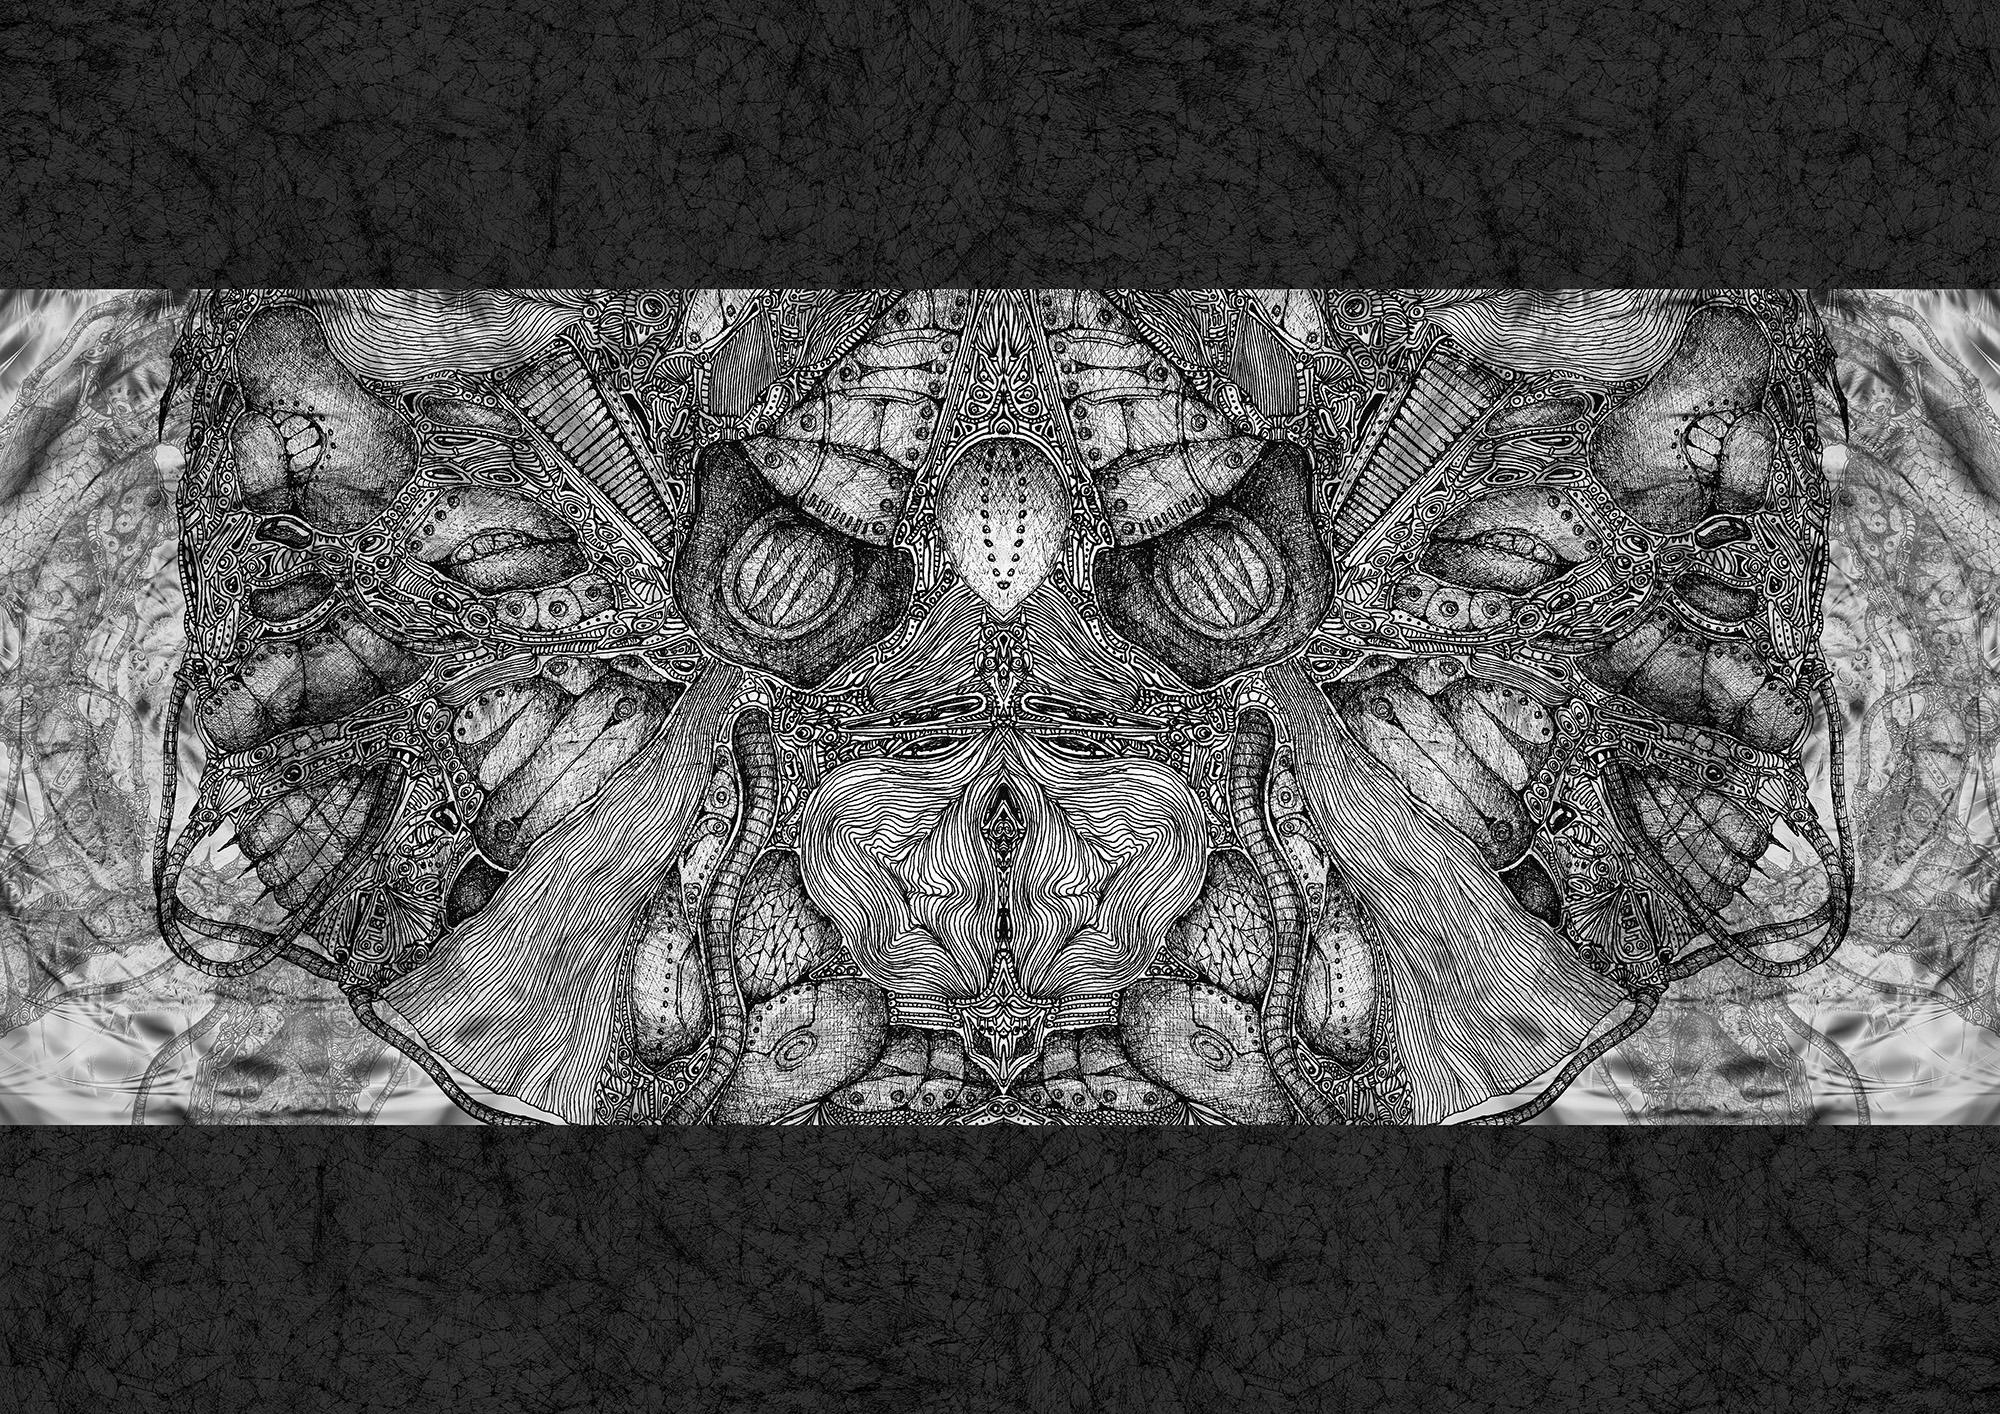 纏結-19 Entanglement-19